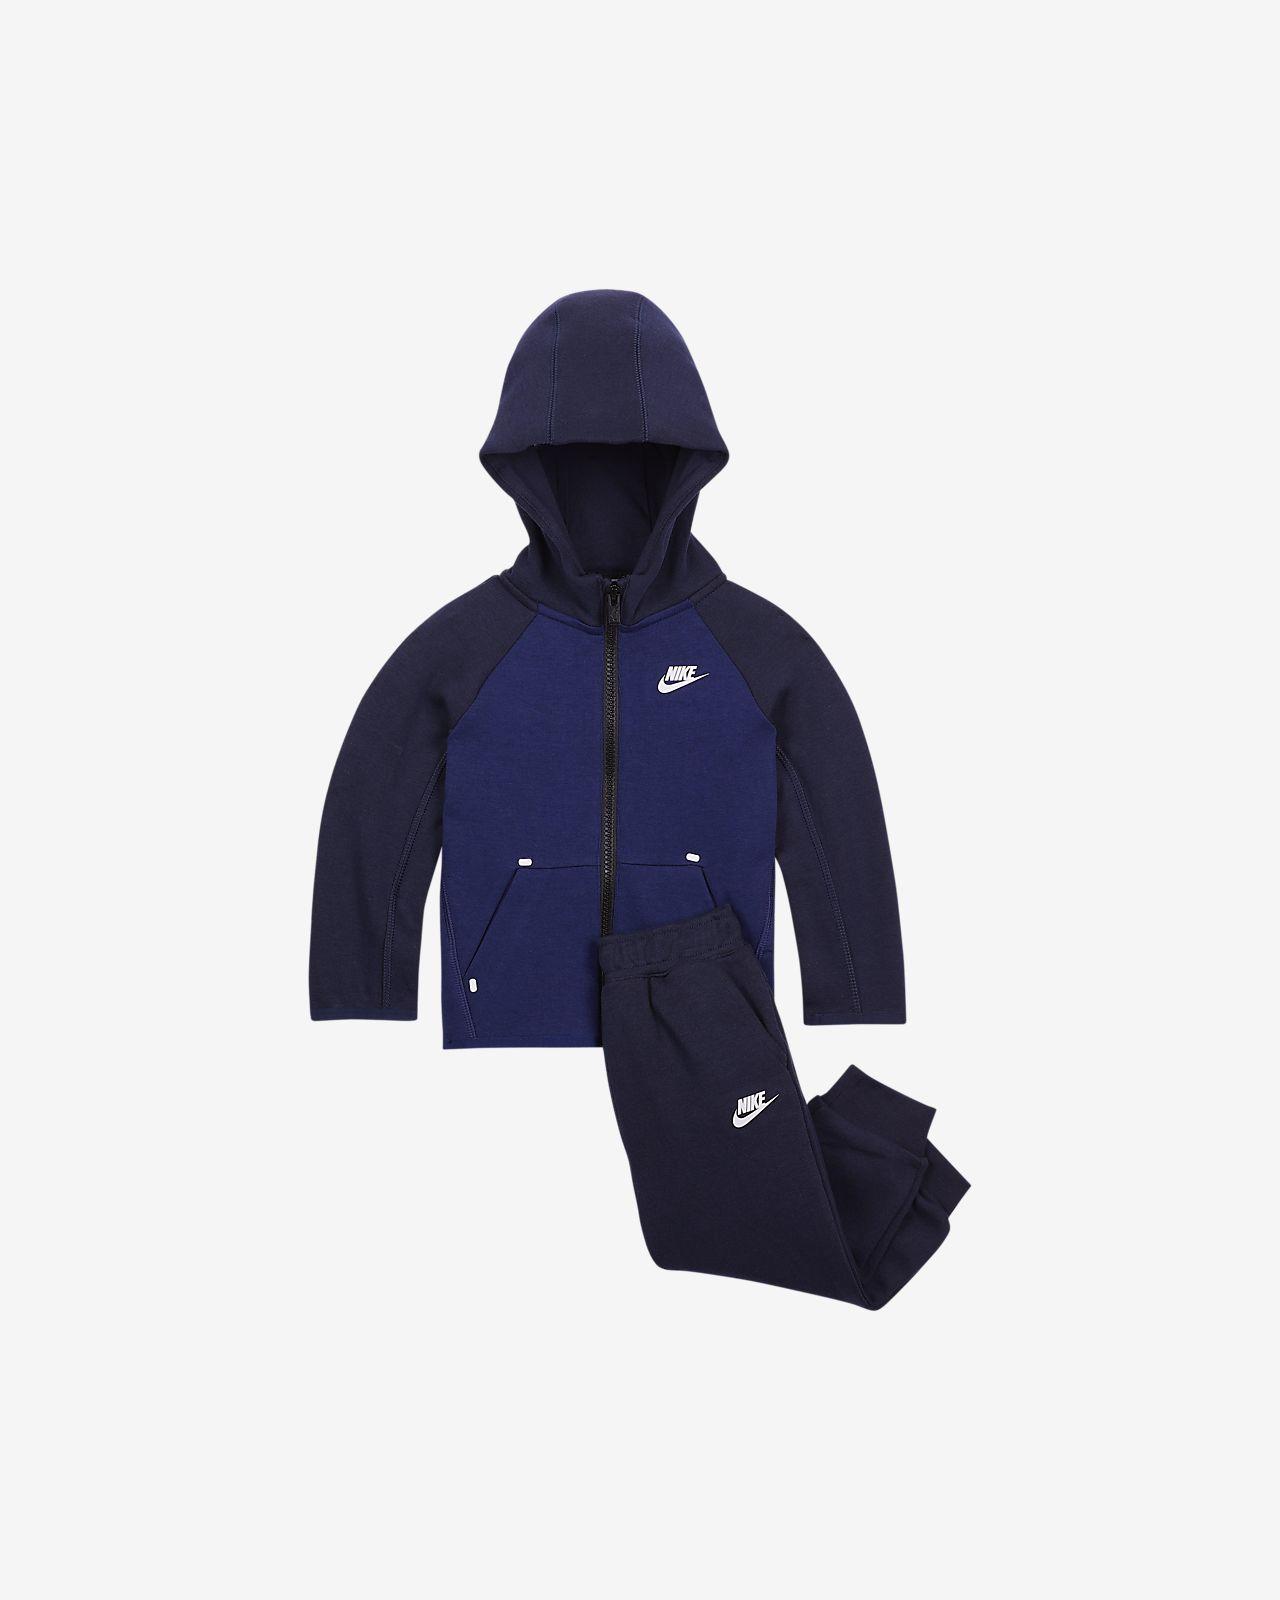 Nike Sportswear Tech Fleece Infant 2-Piece Set